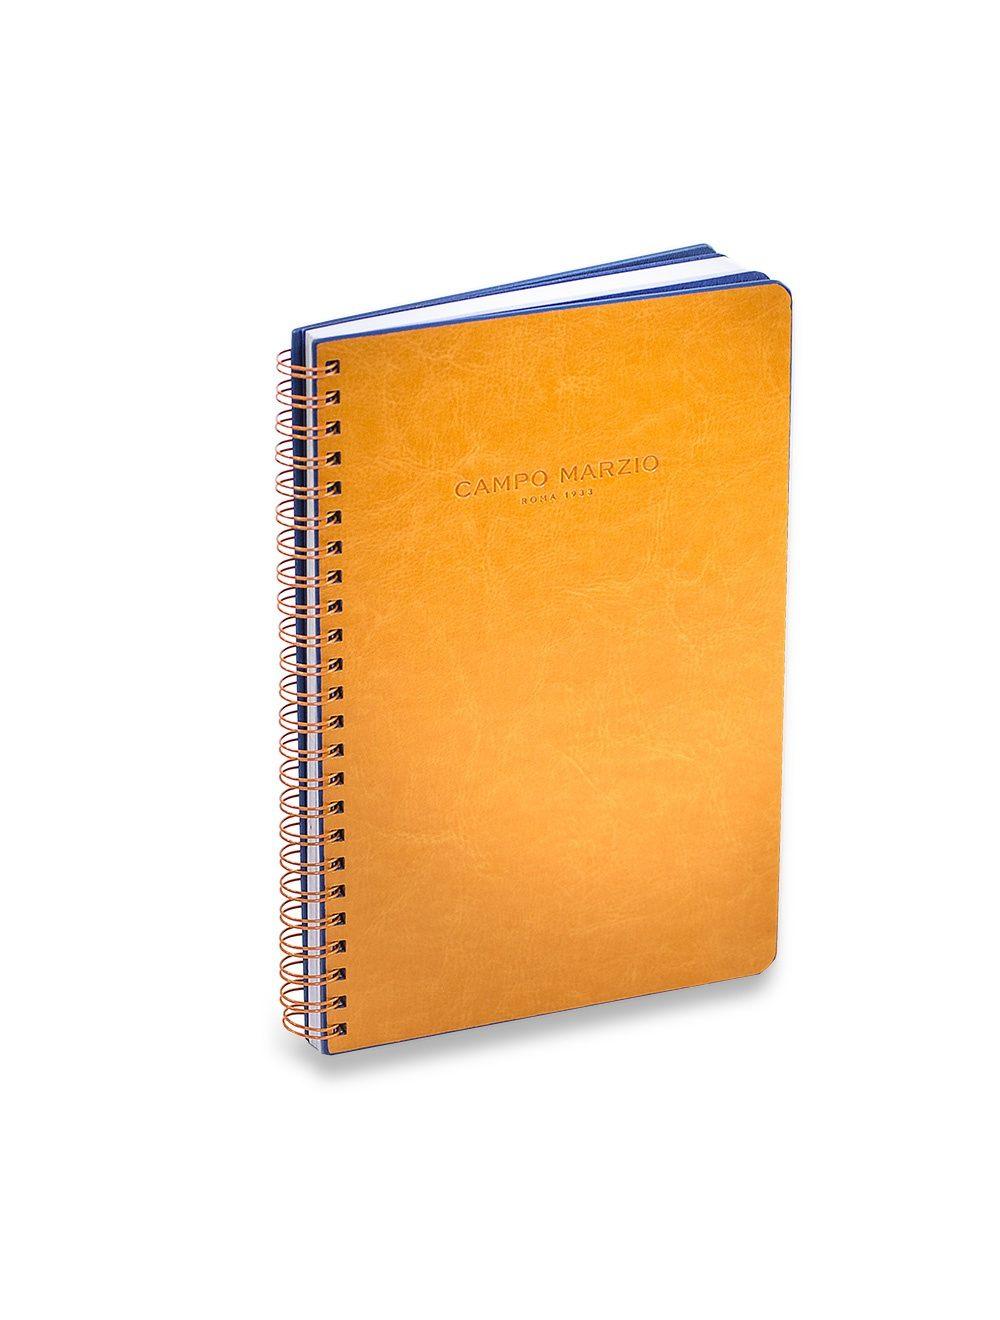 Spiral Bound Notes A4 - Mandarin